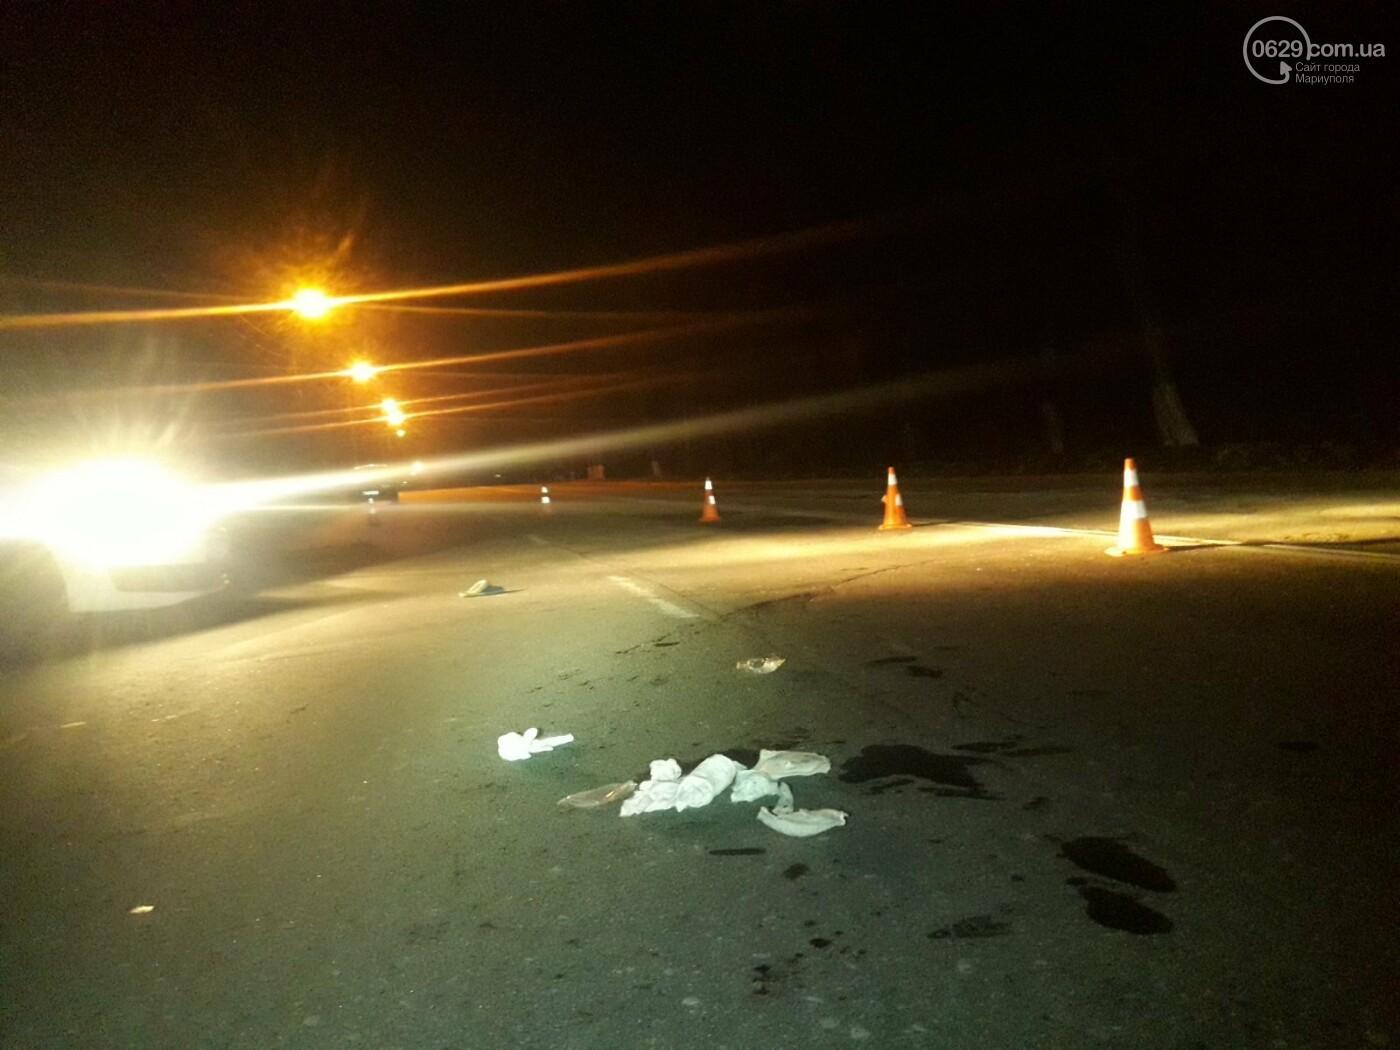 В Мариуполе водитель авто сбил женщину и скрылся с места аварии, - ФОТО, фото-1